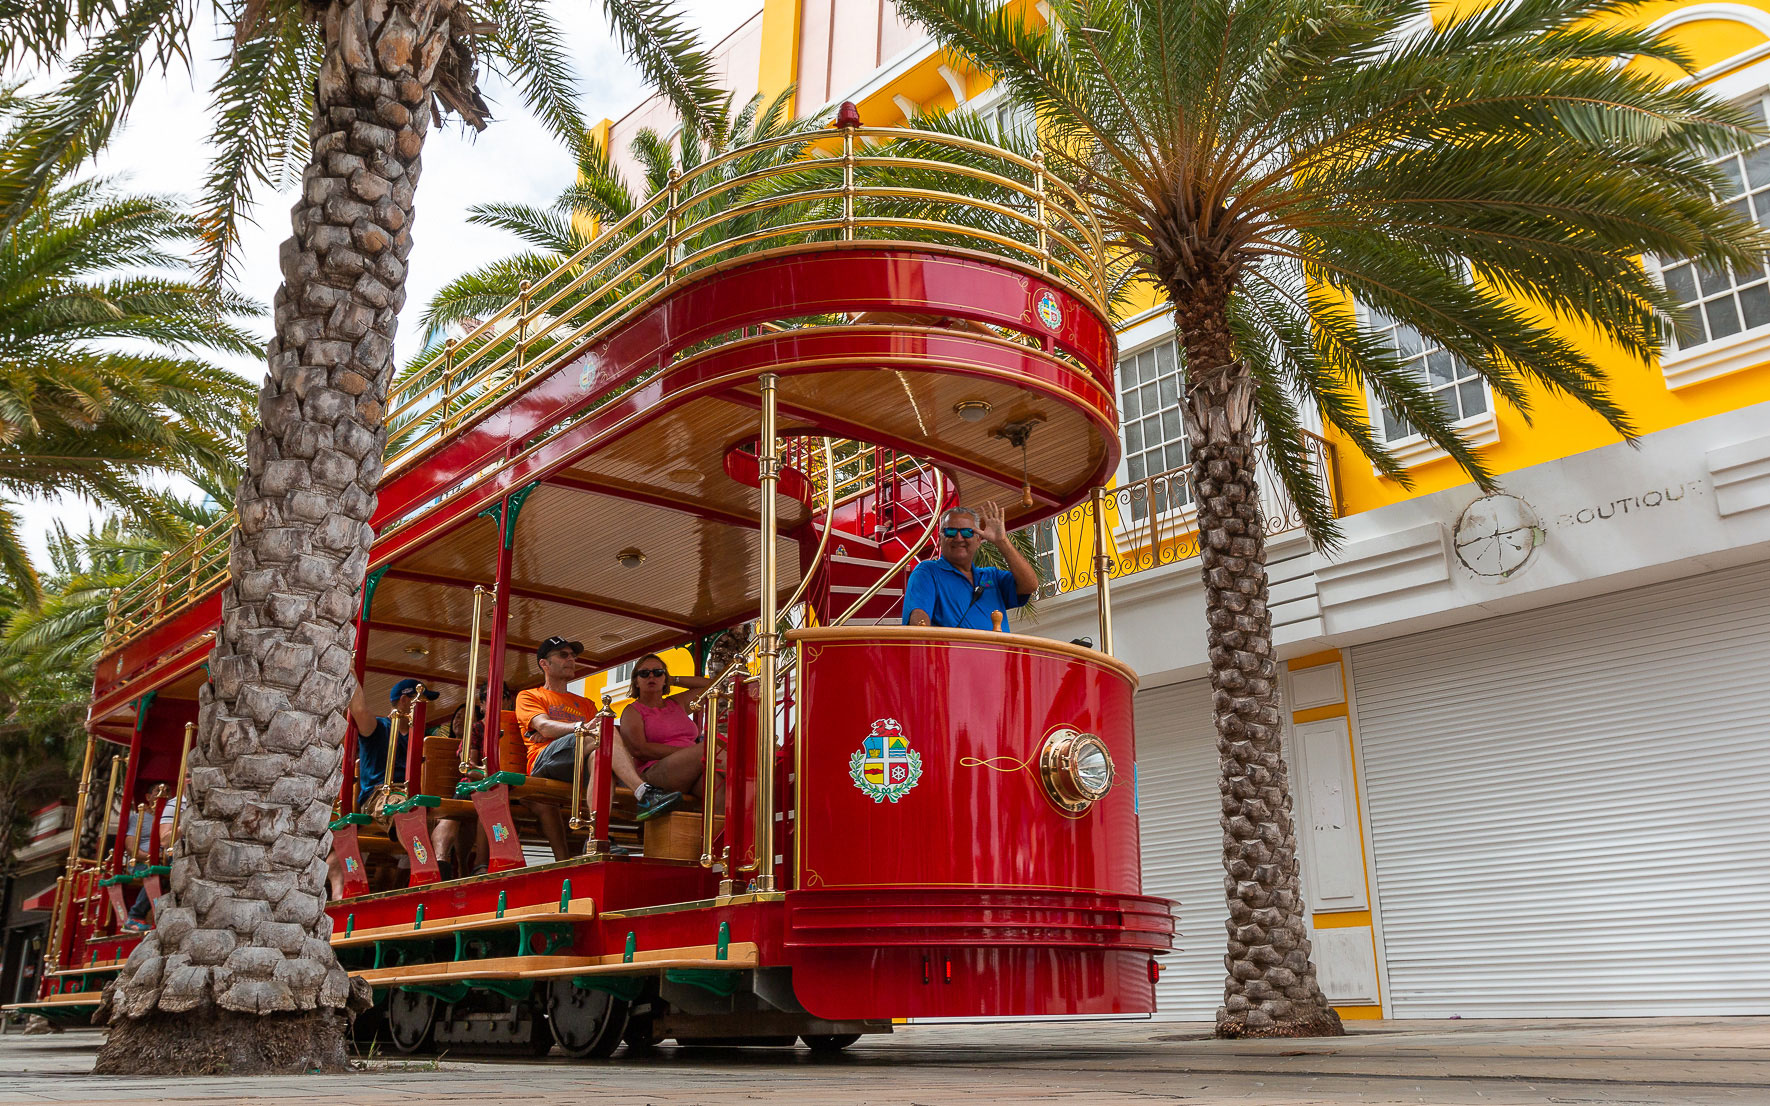 Tram Oranjestad Aruba